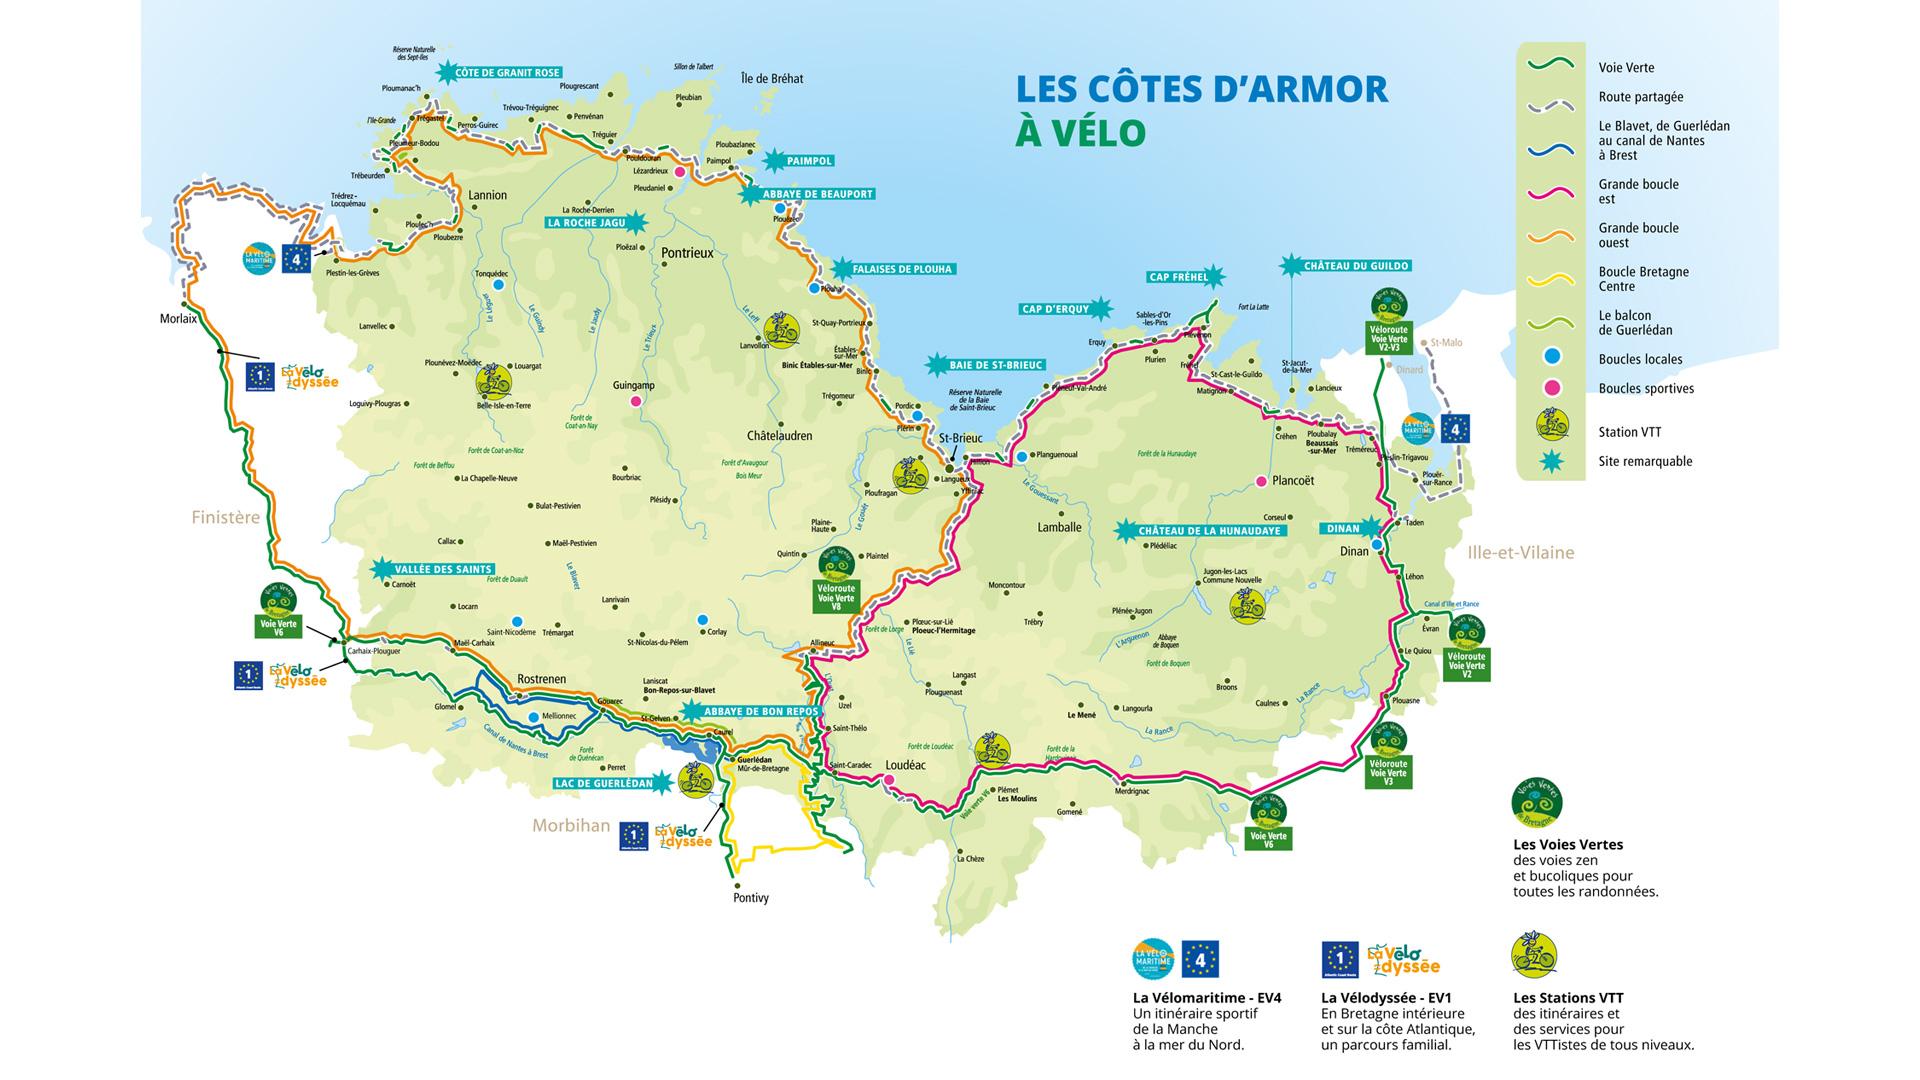 Carte - les Côtes d'Armor à Vélo - les grands itinéraires